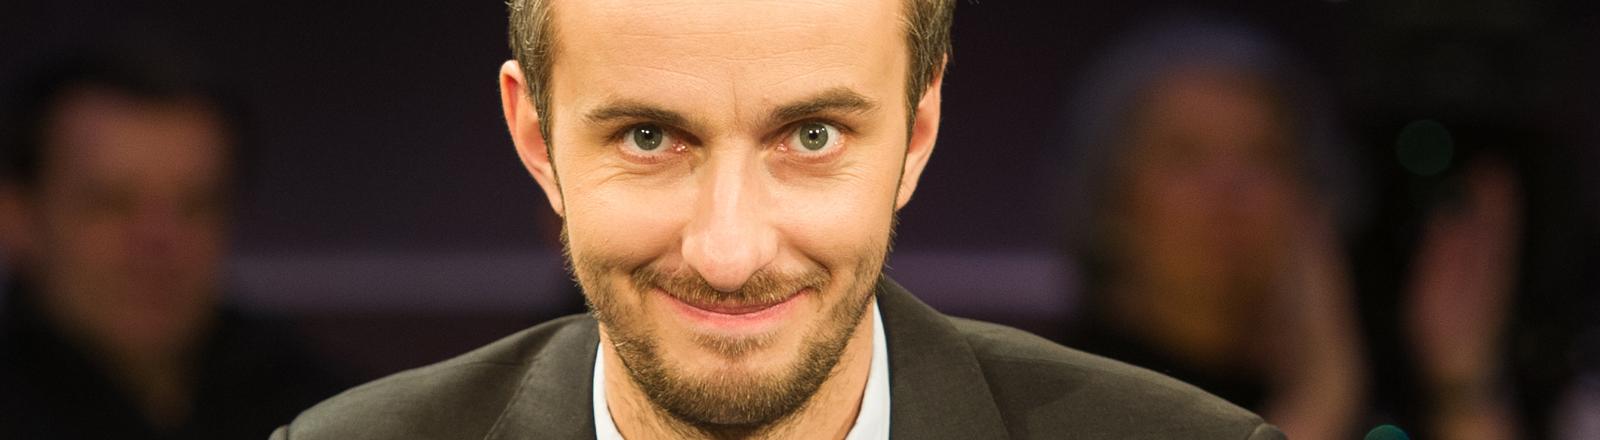 ZDF Neo Moderator, Jan Böhmermann, sitzt am 06.02.2015 im NDR-Studio in Hannover (Niedersachsen).